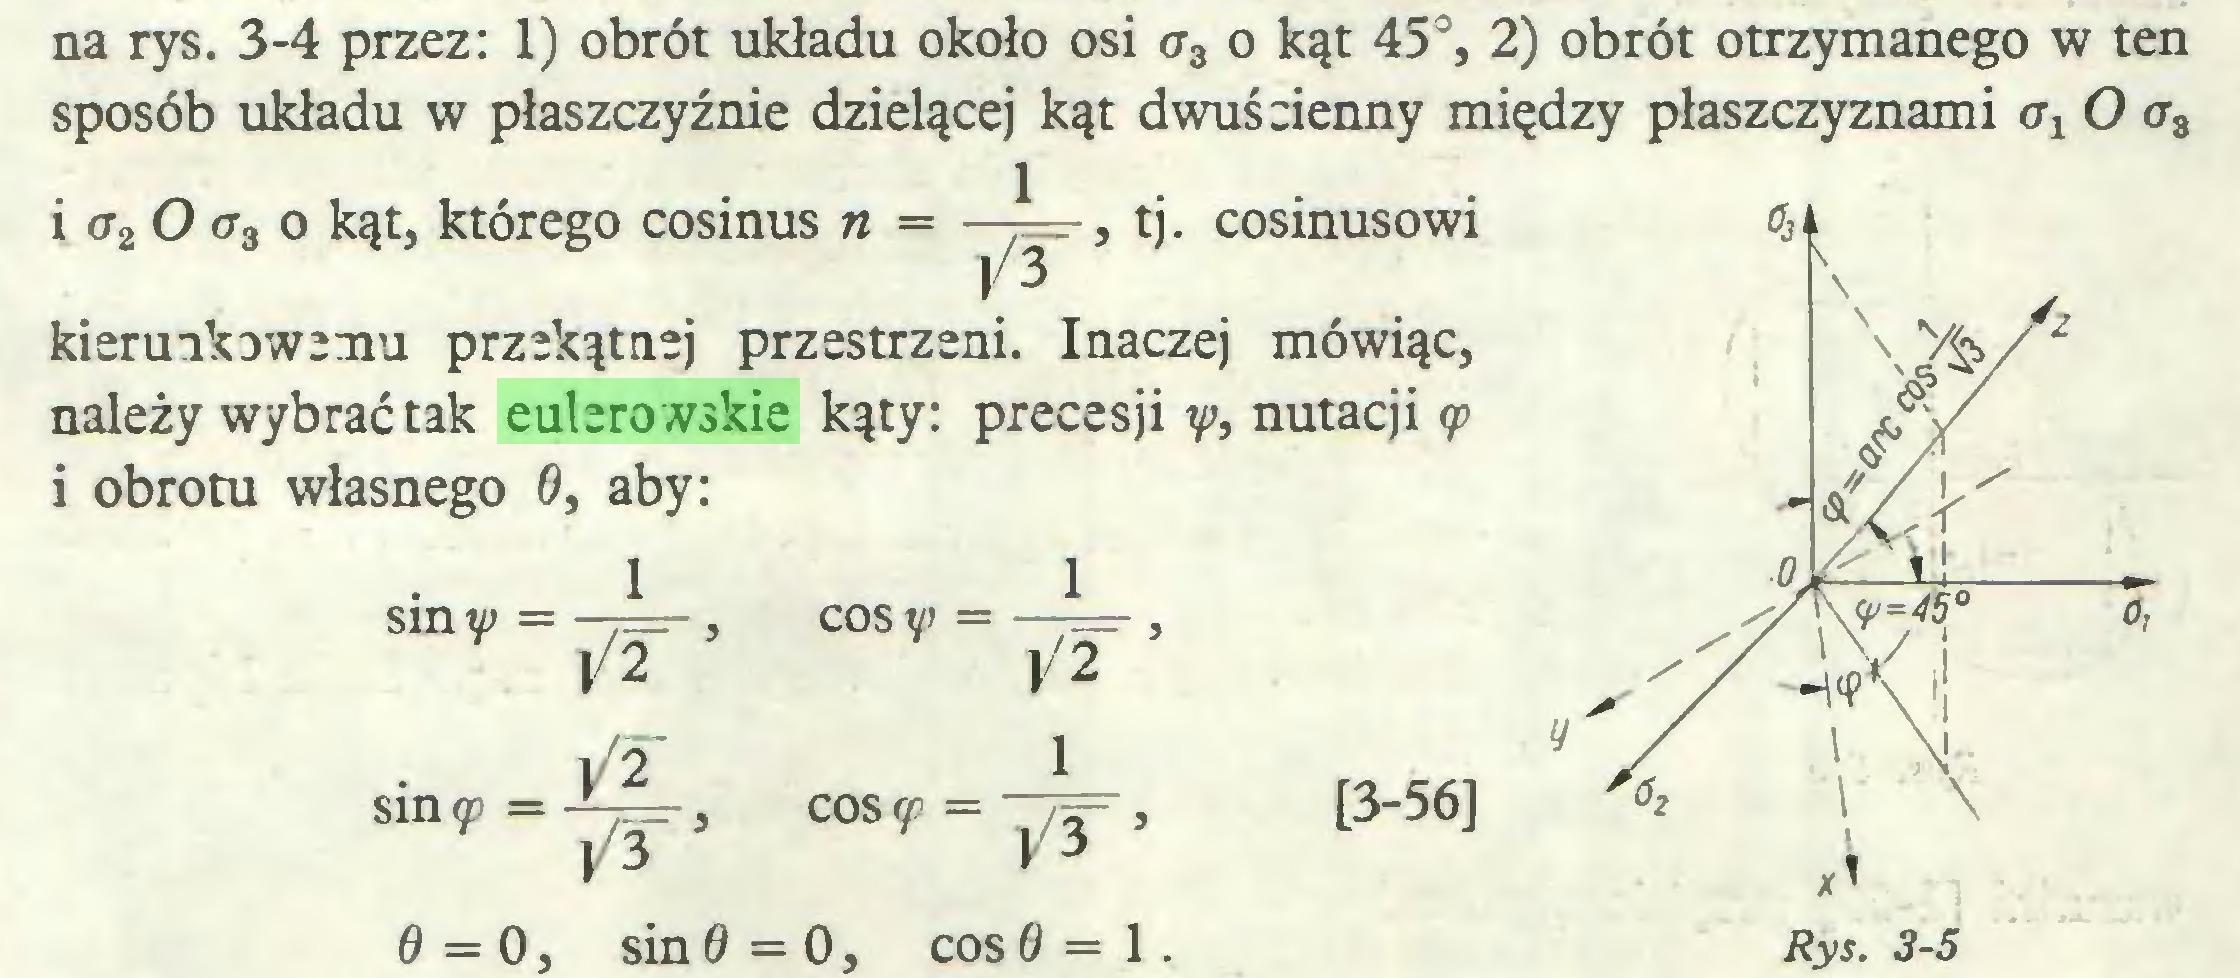 (...) na rys. 3-4 przez: 1) obrót układu około osi <r3 o kąt 45°, 2) obrót otrzymanego w ten sposób układu w płaszczyźnie dzielącej kąt dwuścienny między płaszczyznami a1 O <r3 1 i a2 O a3 o kąt, którego cosinus n = tj. cosinusowi kierunkowemu przekątnej przestrzeni. Inaczej mówiąc, należy wybrać tak eulerowskie kąty: precesji y, nutacji <p i obrotu własnego 0, aby: sinł,=j/r' sin (f =-7^-3  V 3 1 COS V' = —p=r , ]/2 1 cos<p = ~\/T, 0=0, sin 0 = 0, cos 0 = 1. [3-56]...